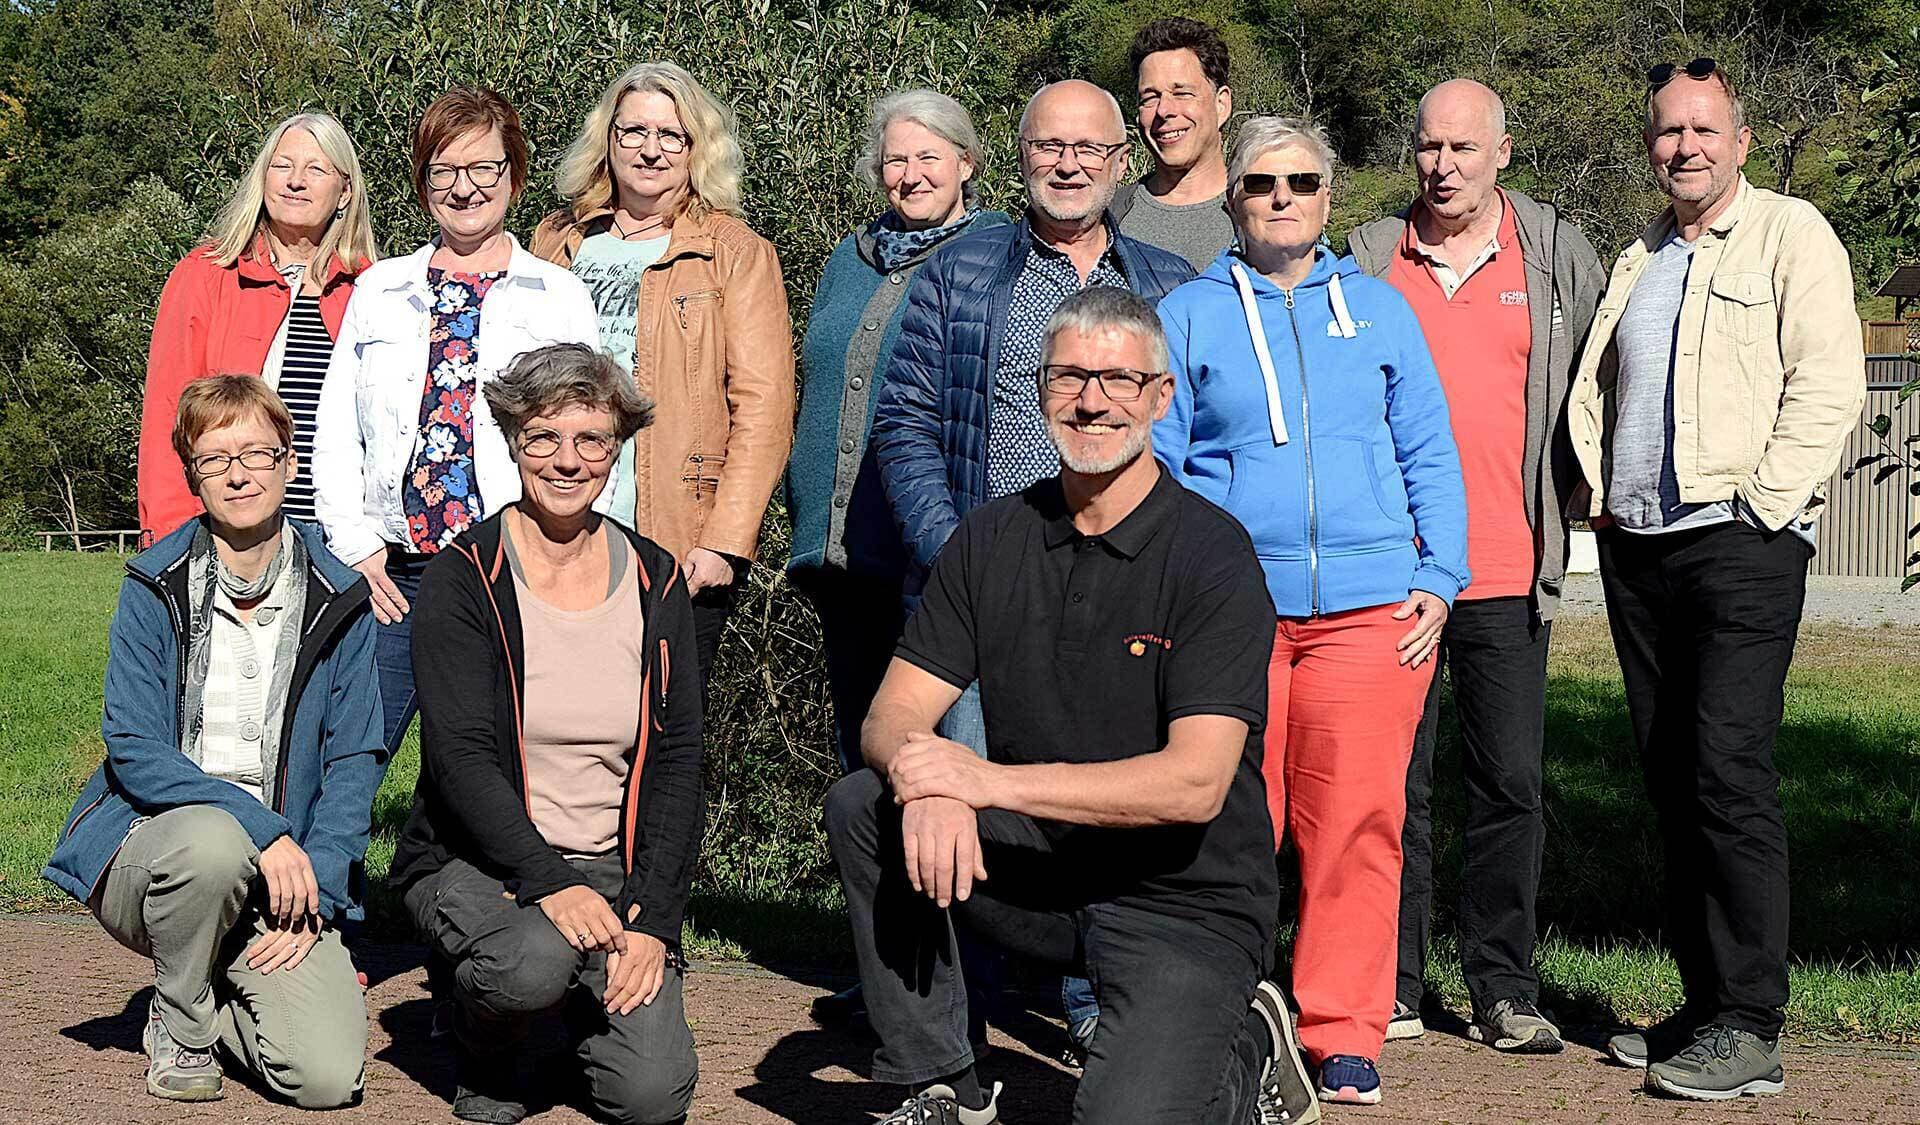 hintere Reihe: Dagmar Förster (B.U.N.D.), Marion Morgner (Stiftung natur mensch kultur), Christa Weiß (Stiftung nmk), Heidi Bolch (Amt für Umwelt- und Verbraucherschutz, Aschaffenburg), Richard Kalkbrenner (Landesbund für Vogelschutz), Oliver Kaiser (Naturpark Spessart), Ellen Kalkbrenner (LBV), Ronald Steinmeyer (Stiftung nmk), Harry Fenzl (Stiftung nmk) Vordere Reihe: Yvonne Hartmann (B.U.N.D.), Sabine Kauffmann (Kuratorium, Stiftung nmk), Alexander Vorbeck (Schlaraffenburger).